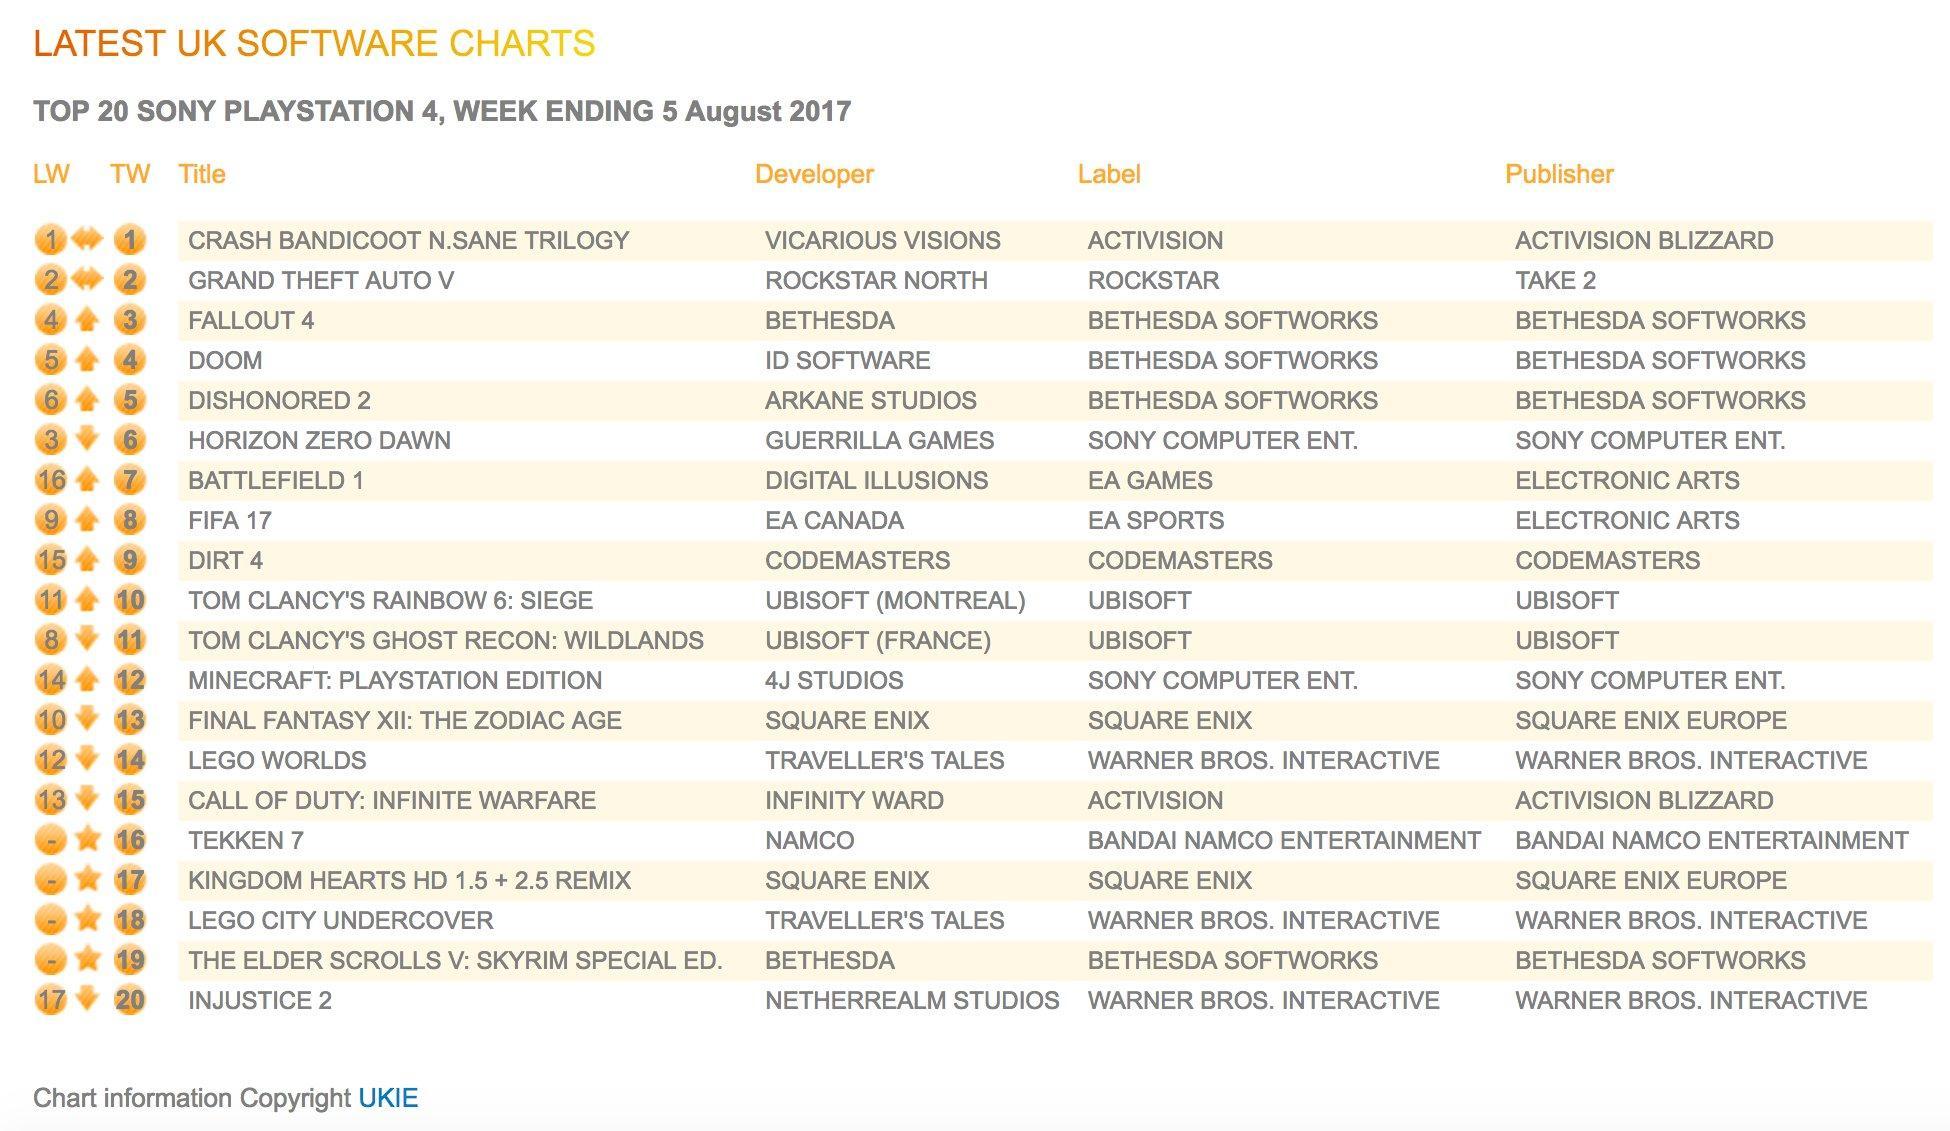 UK Retail Charts - Yes, Crash Bandicoot N Sane Trilogy is